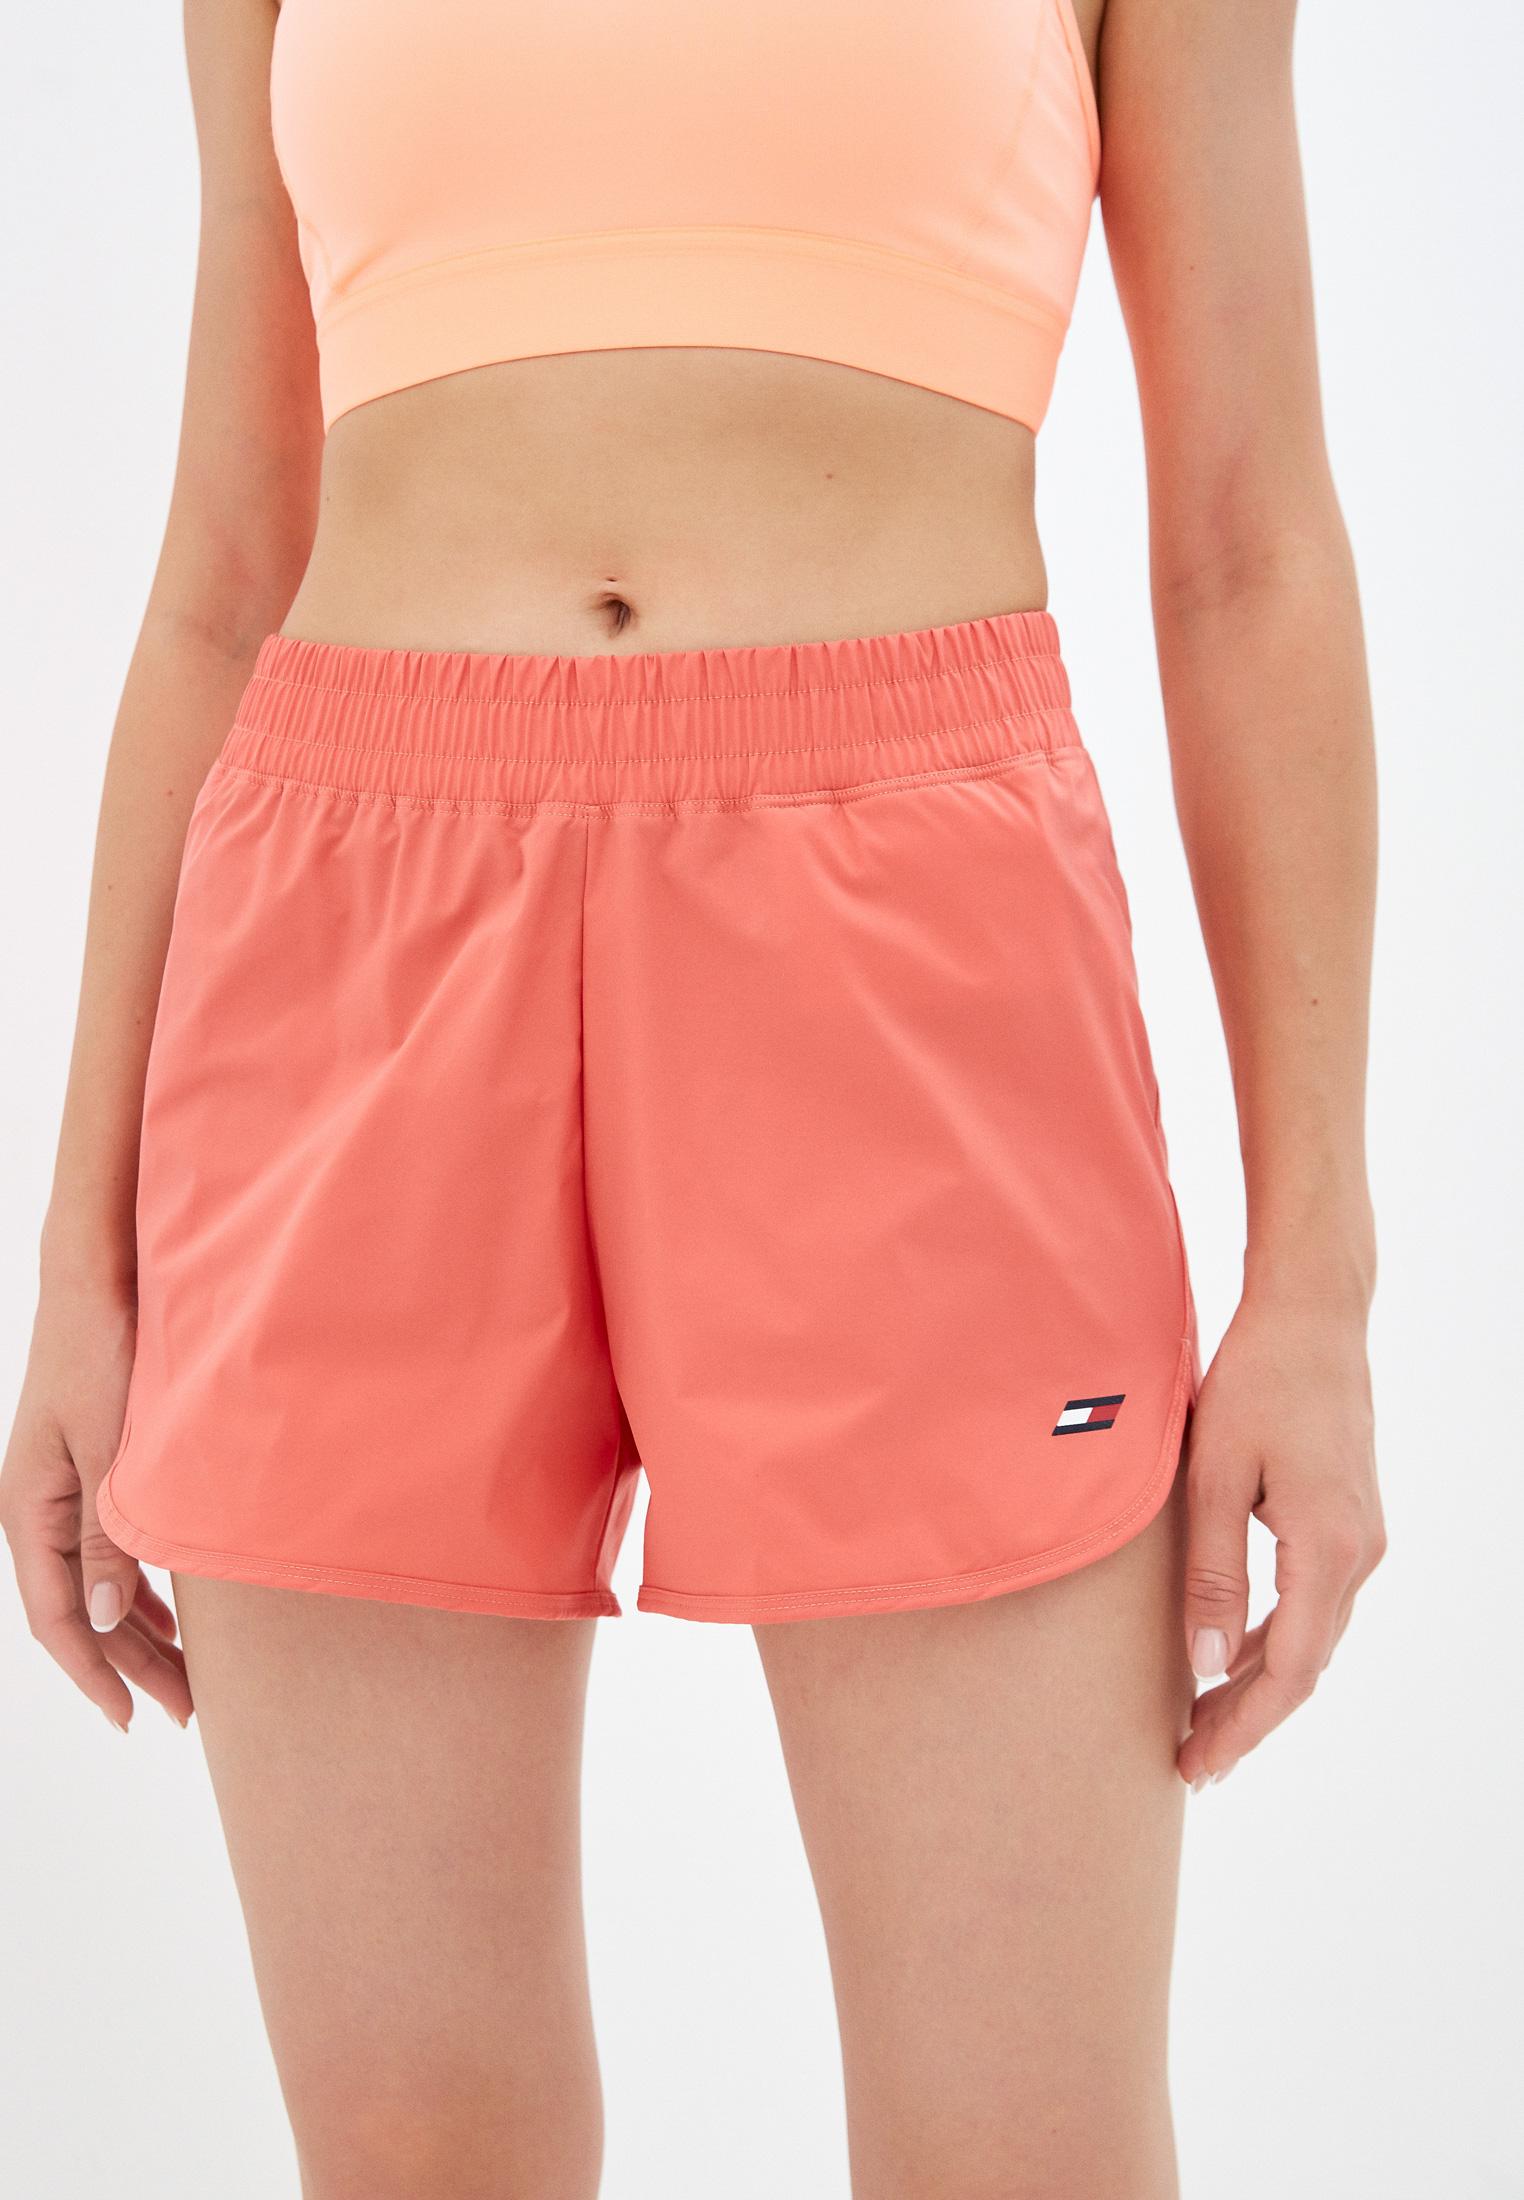 Женские спортивные шорты Tommy Hilfiger (Томми Хилфигер) Шорты спортивные Tommy Hilfiger